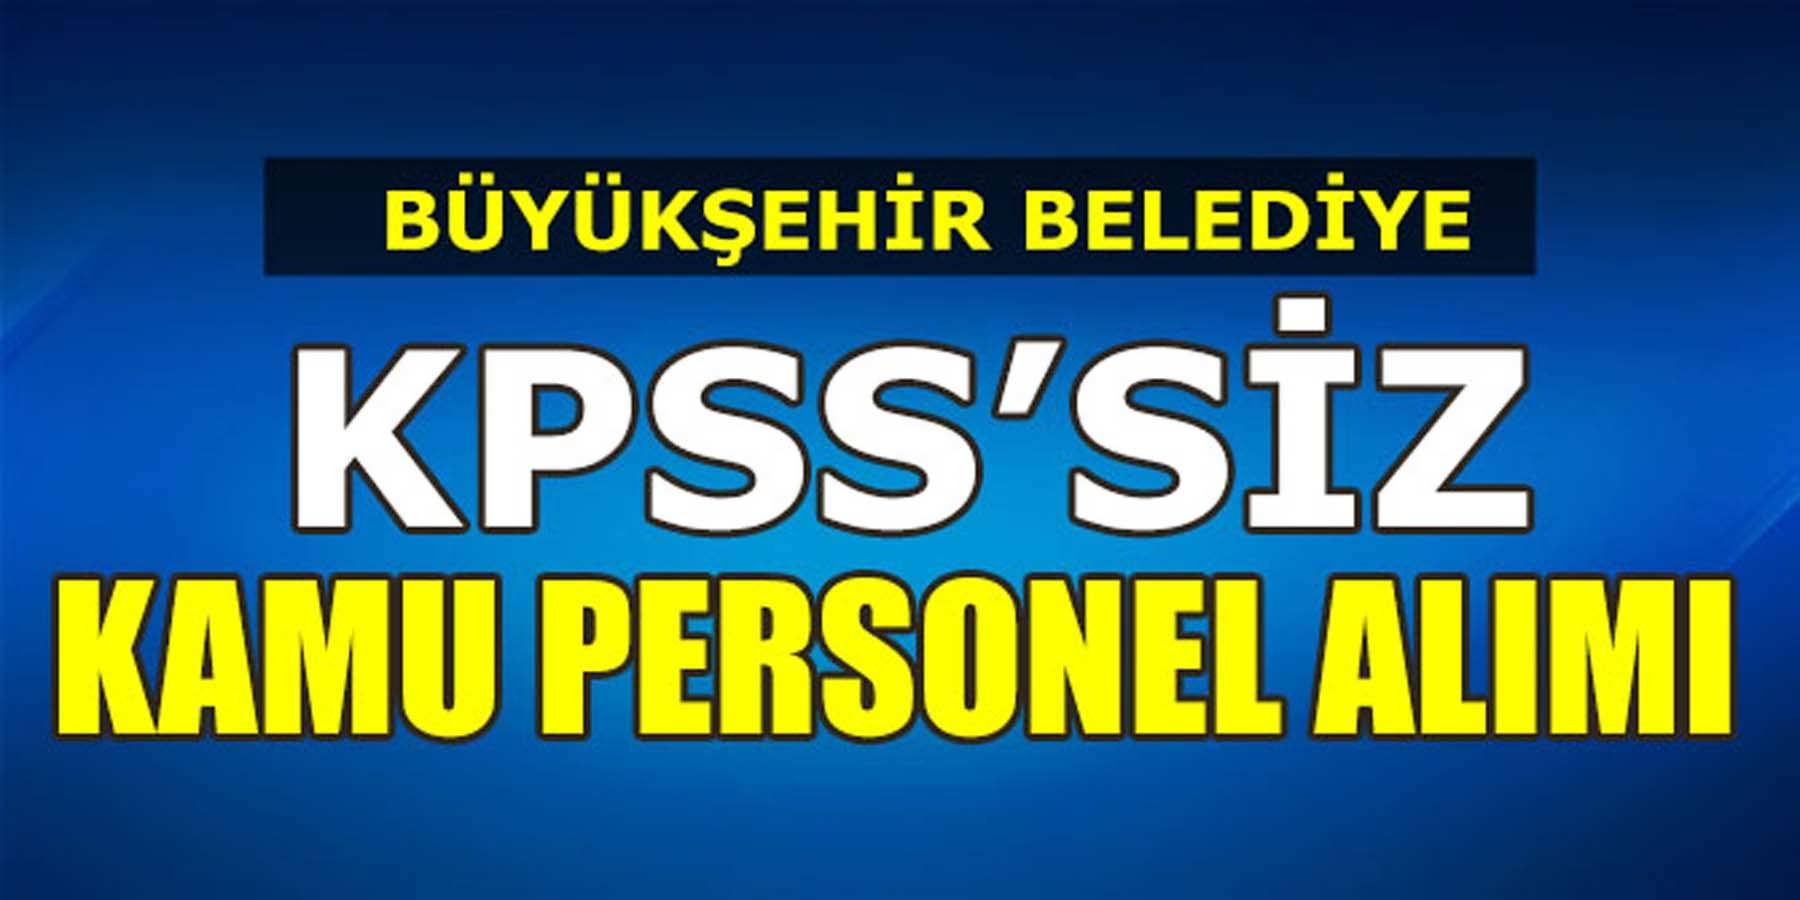 Büyükşehir Belediyesi KPSS'siz Kamu Personeli Alımı